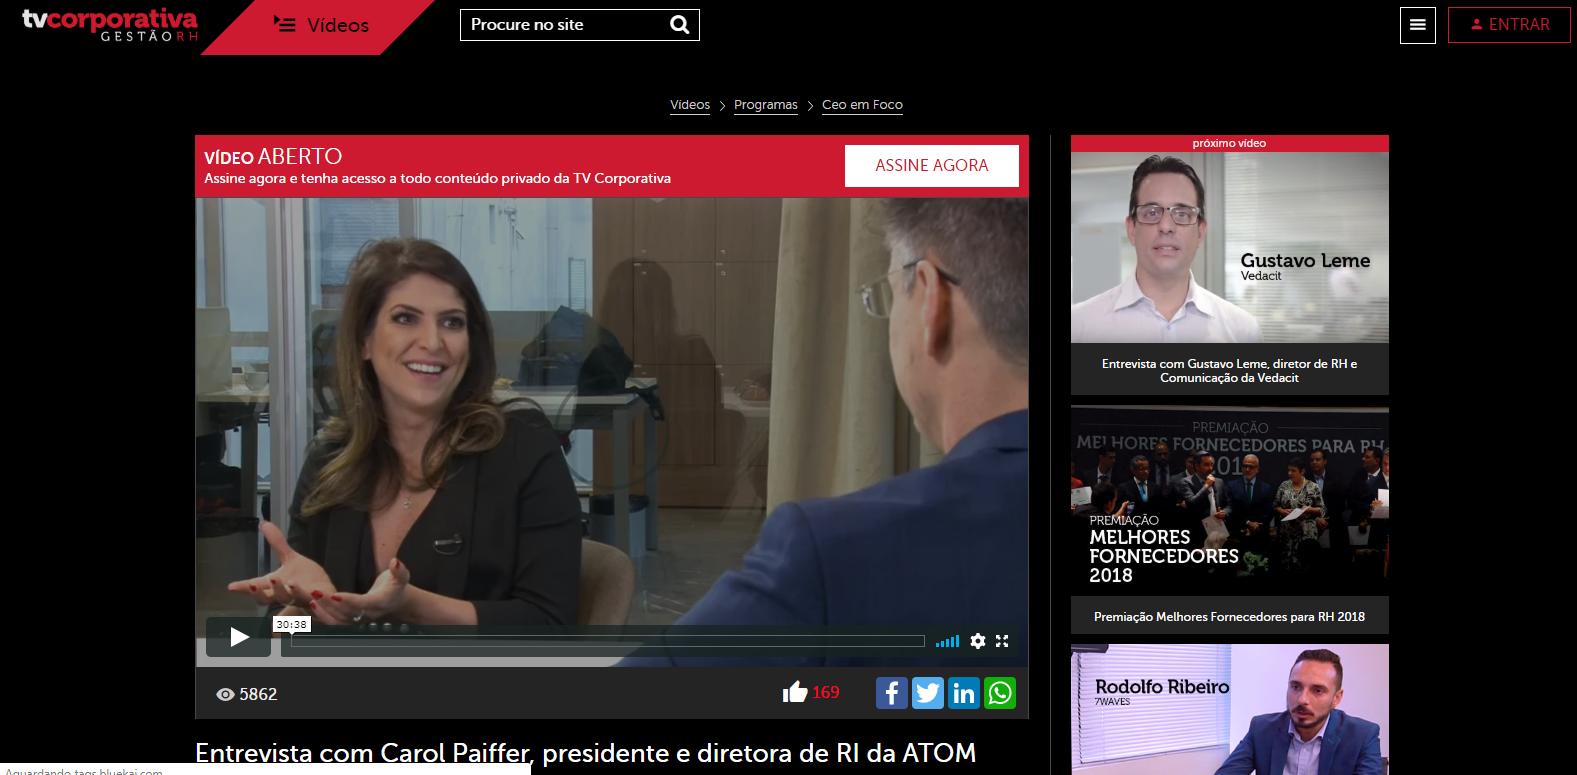 Entrevista com Carol Paiffer, presidente e diretora de RI da ATOM